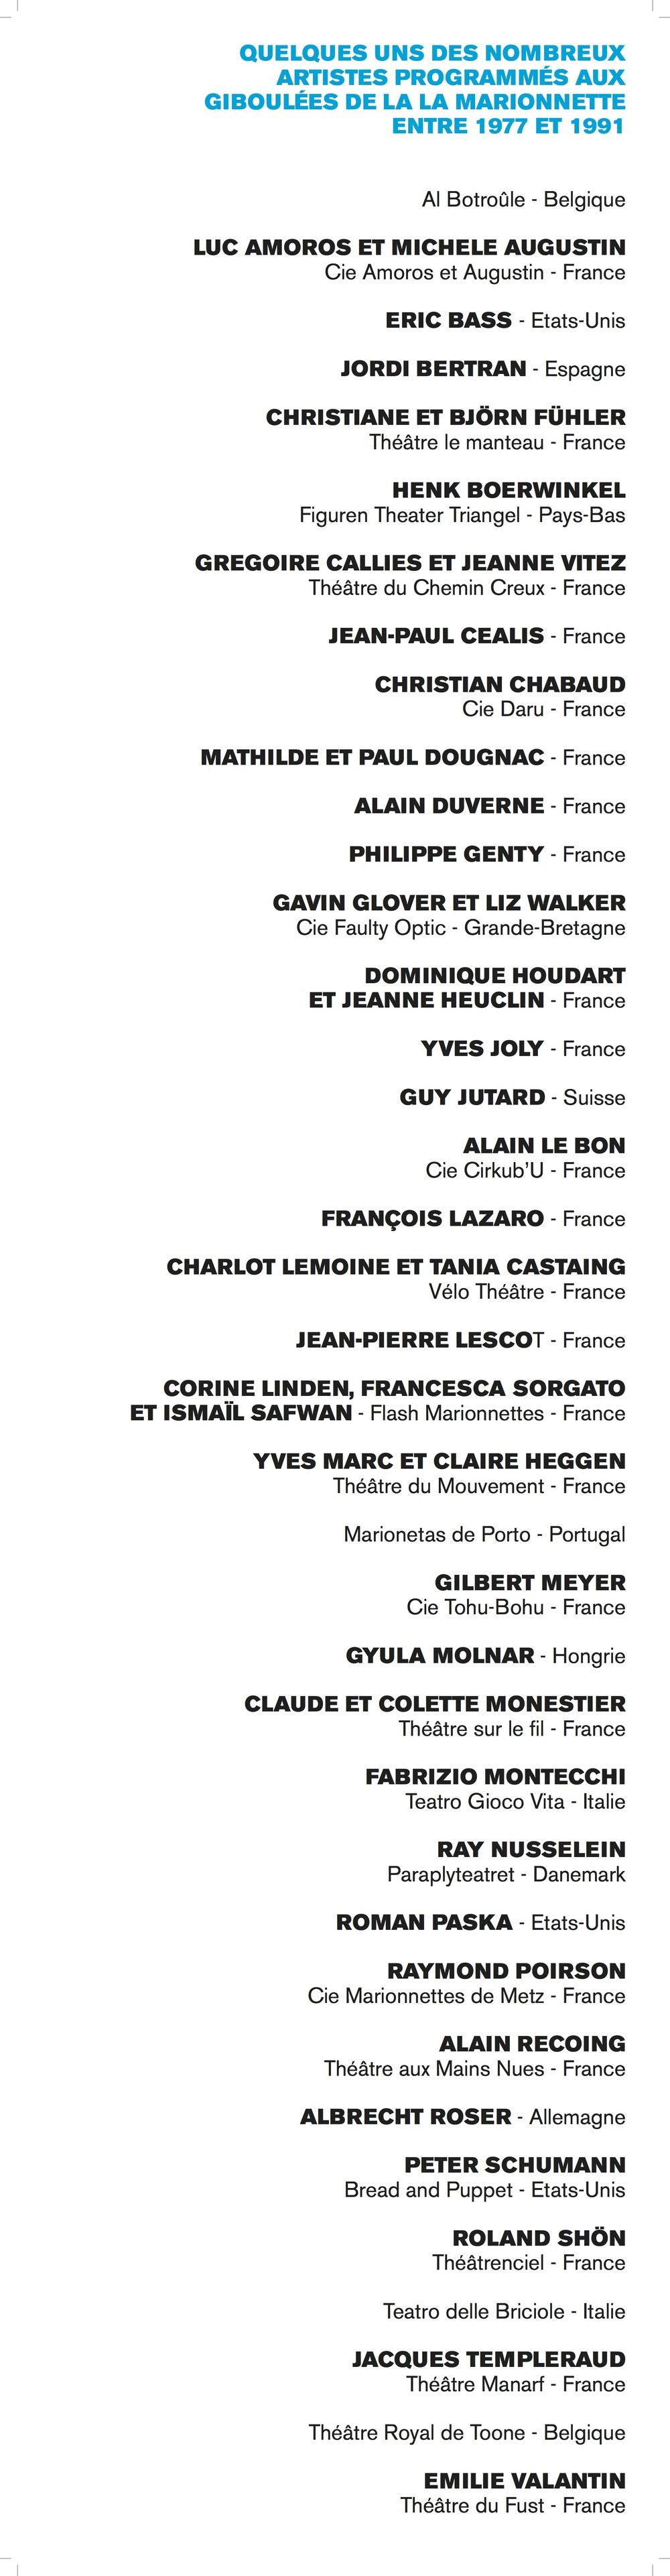 Quelques-uns des nombreux artistes programmés aux Giboulées de la marionnette entre 1977 et 1991.